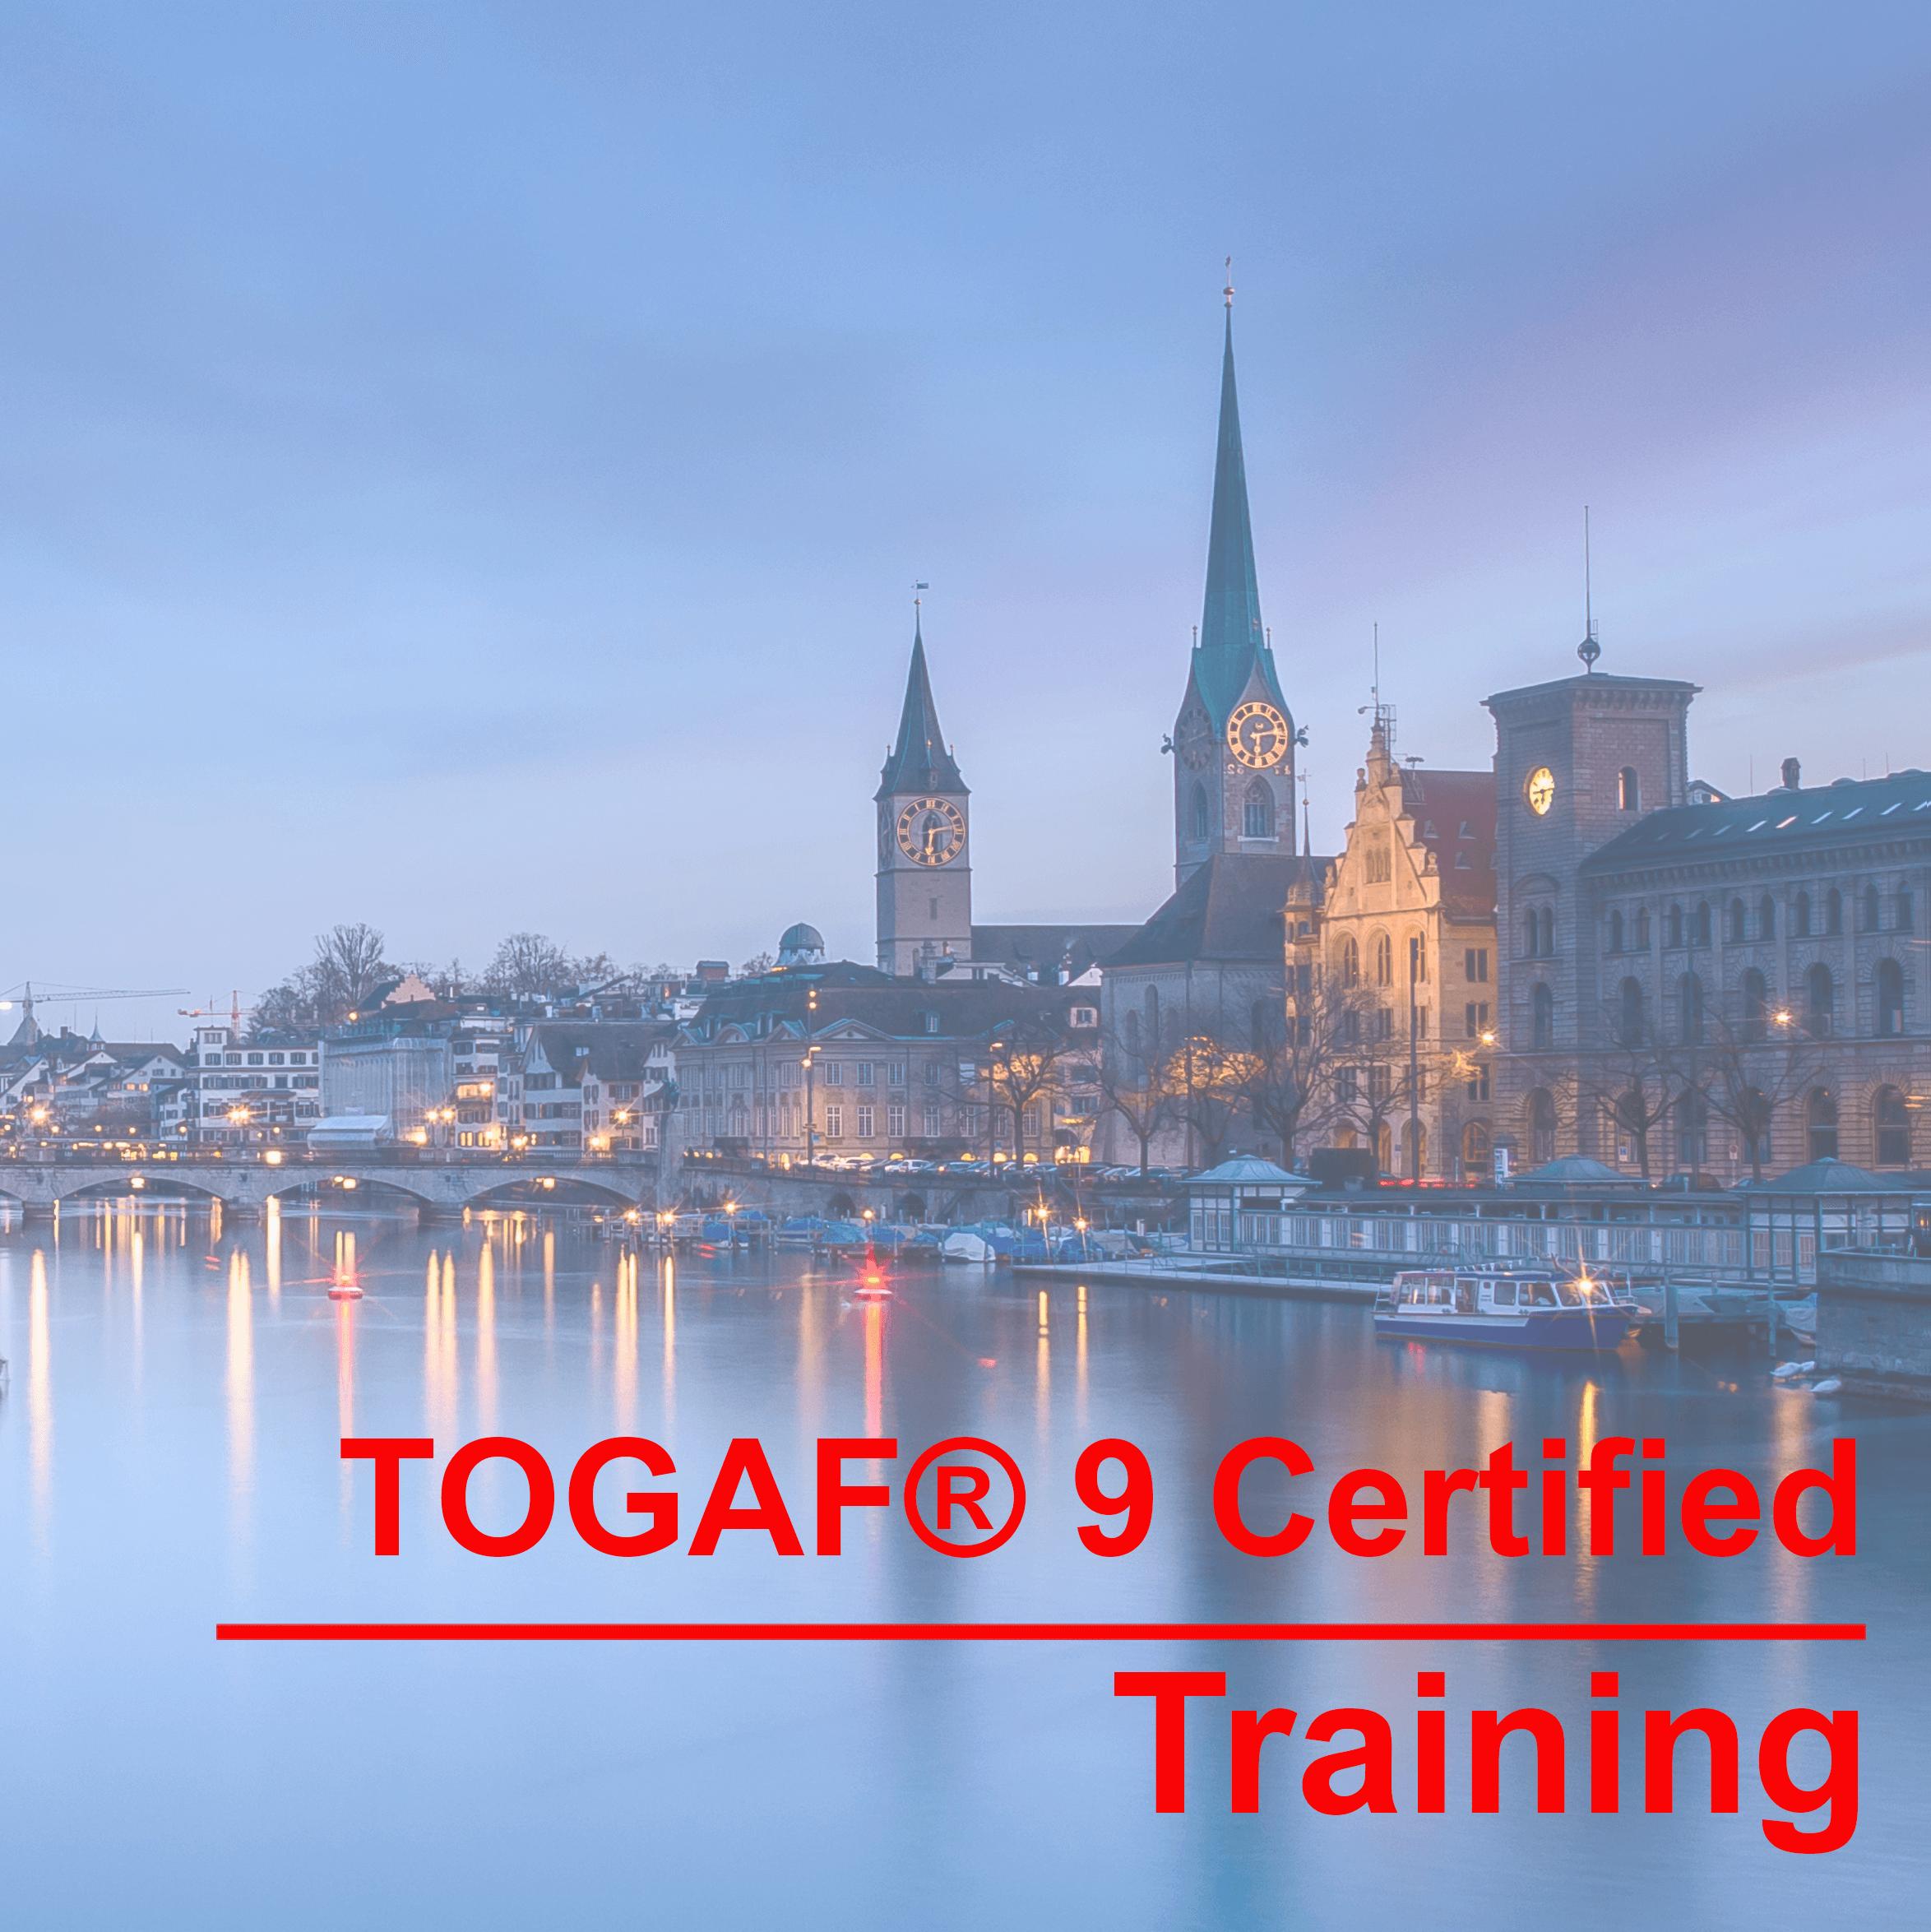 TOGAF® 9 Certified Training Vienna Das am weitesten verbreitete Enterprise Architecture Framework der Welt. Wir bereiten Sie in 4 Tagen auf die Zertifizierung vor!